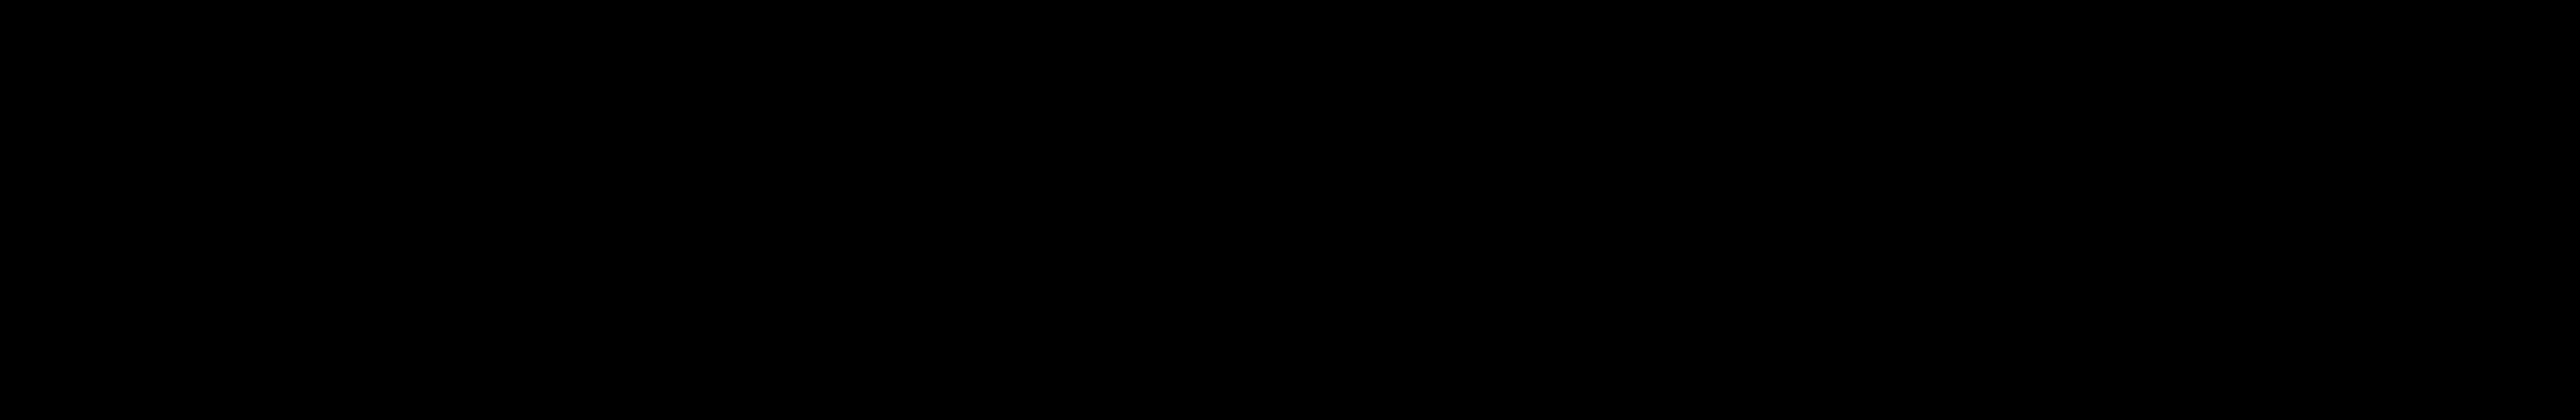 logo_Northvolt